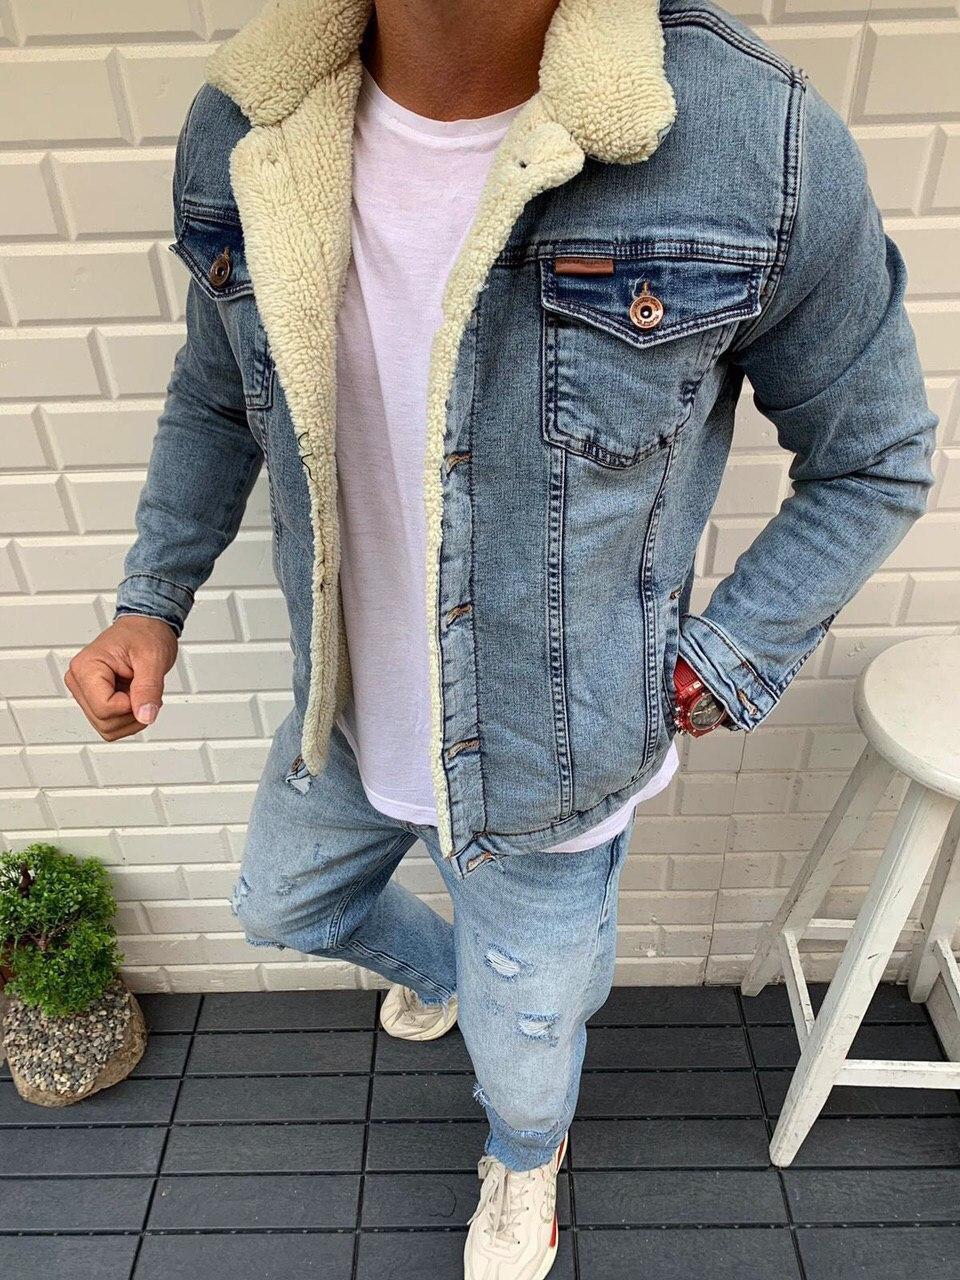 Чоловіча джинсова куртка на хутрі світло-синя MMX3